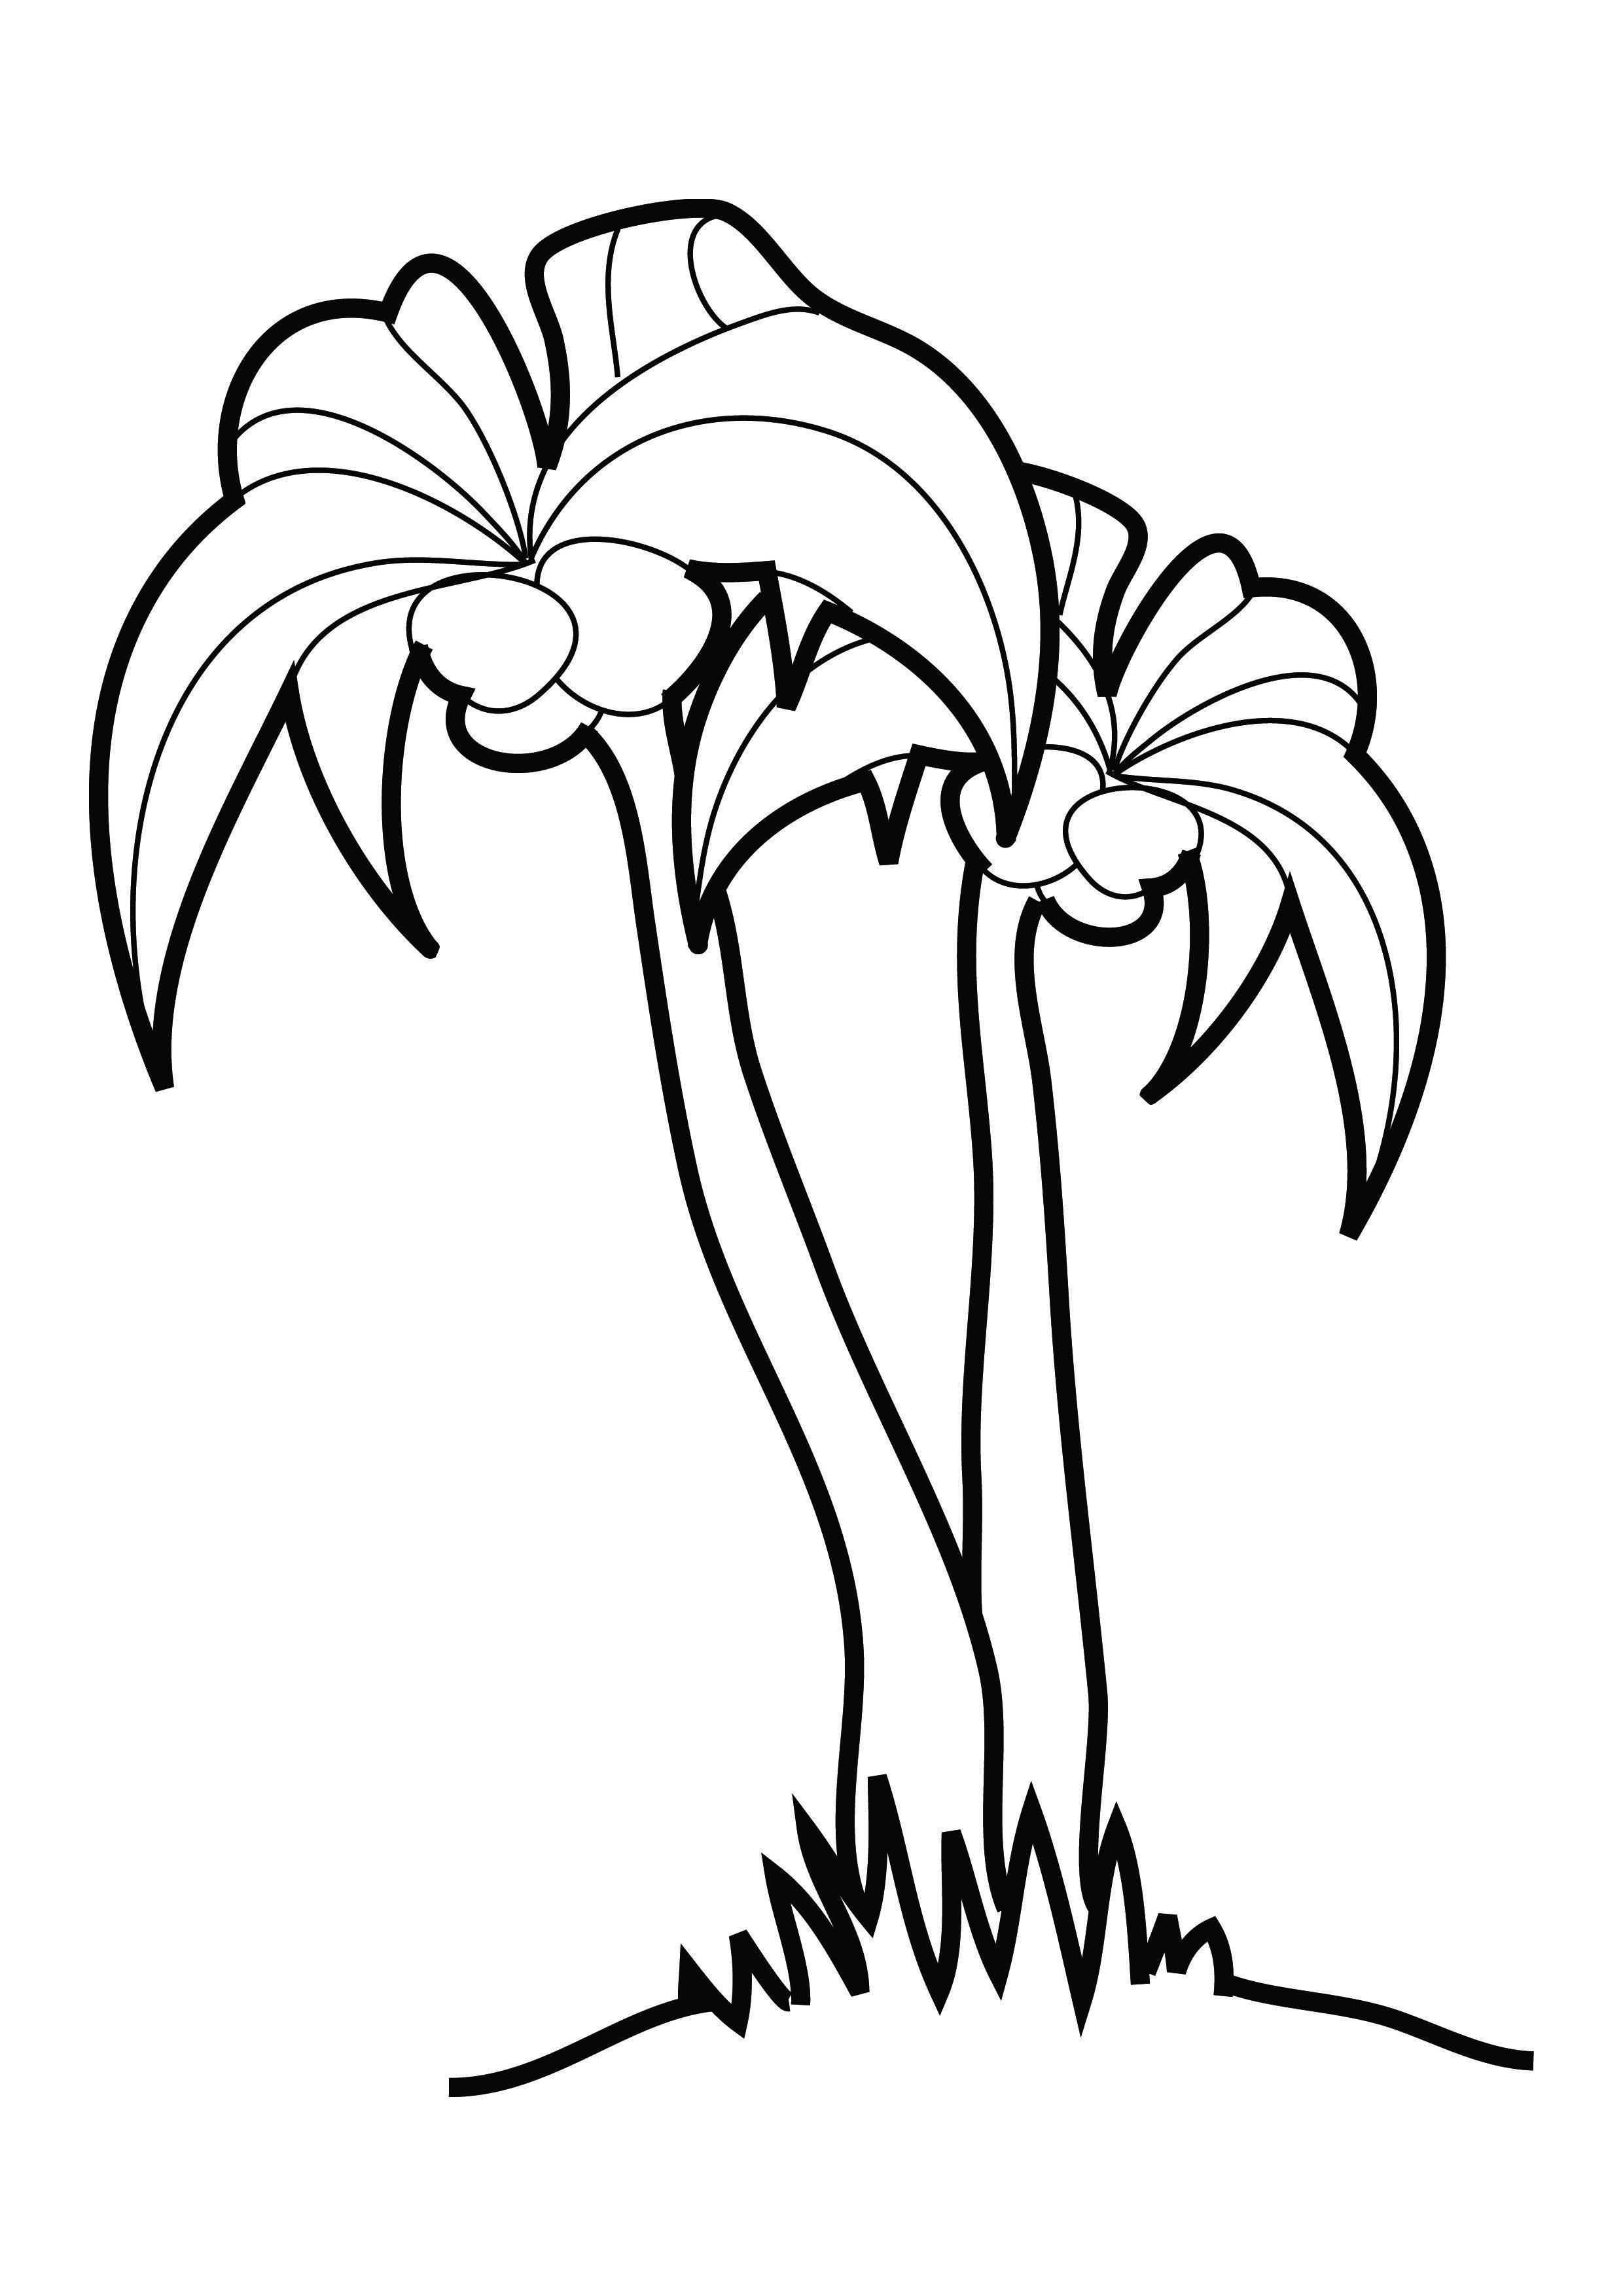 Hình tô màu cây dừa đẹp, đơn giản